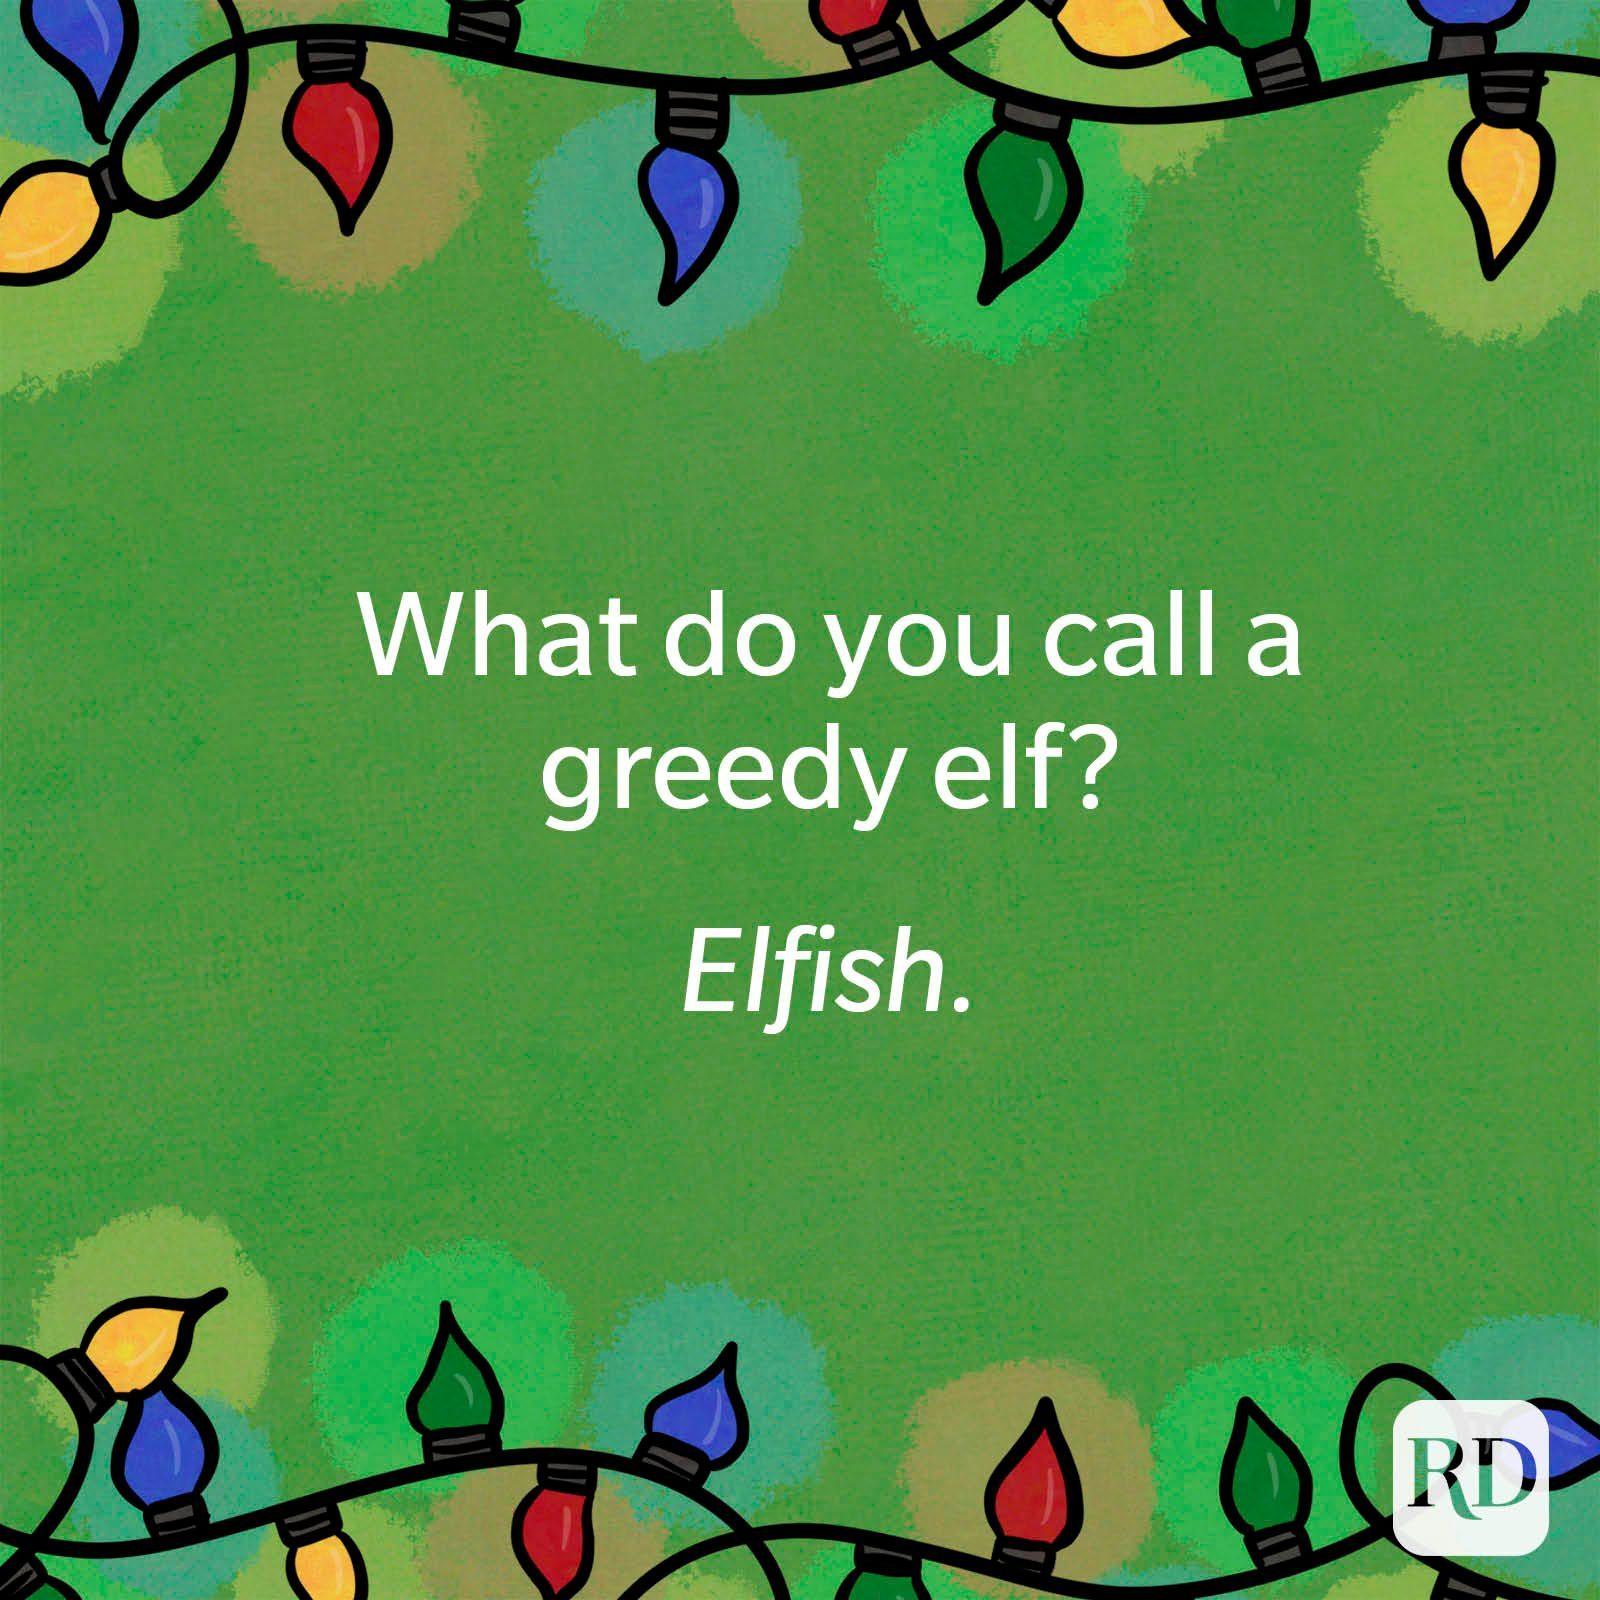 What do you call a greedy elf?